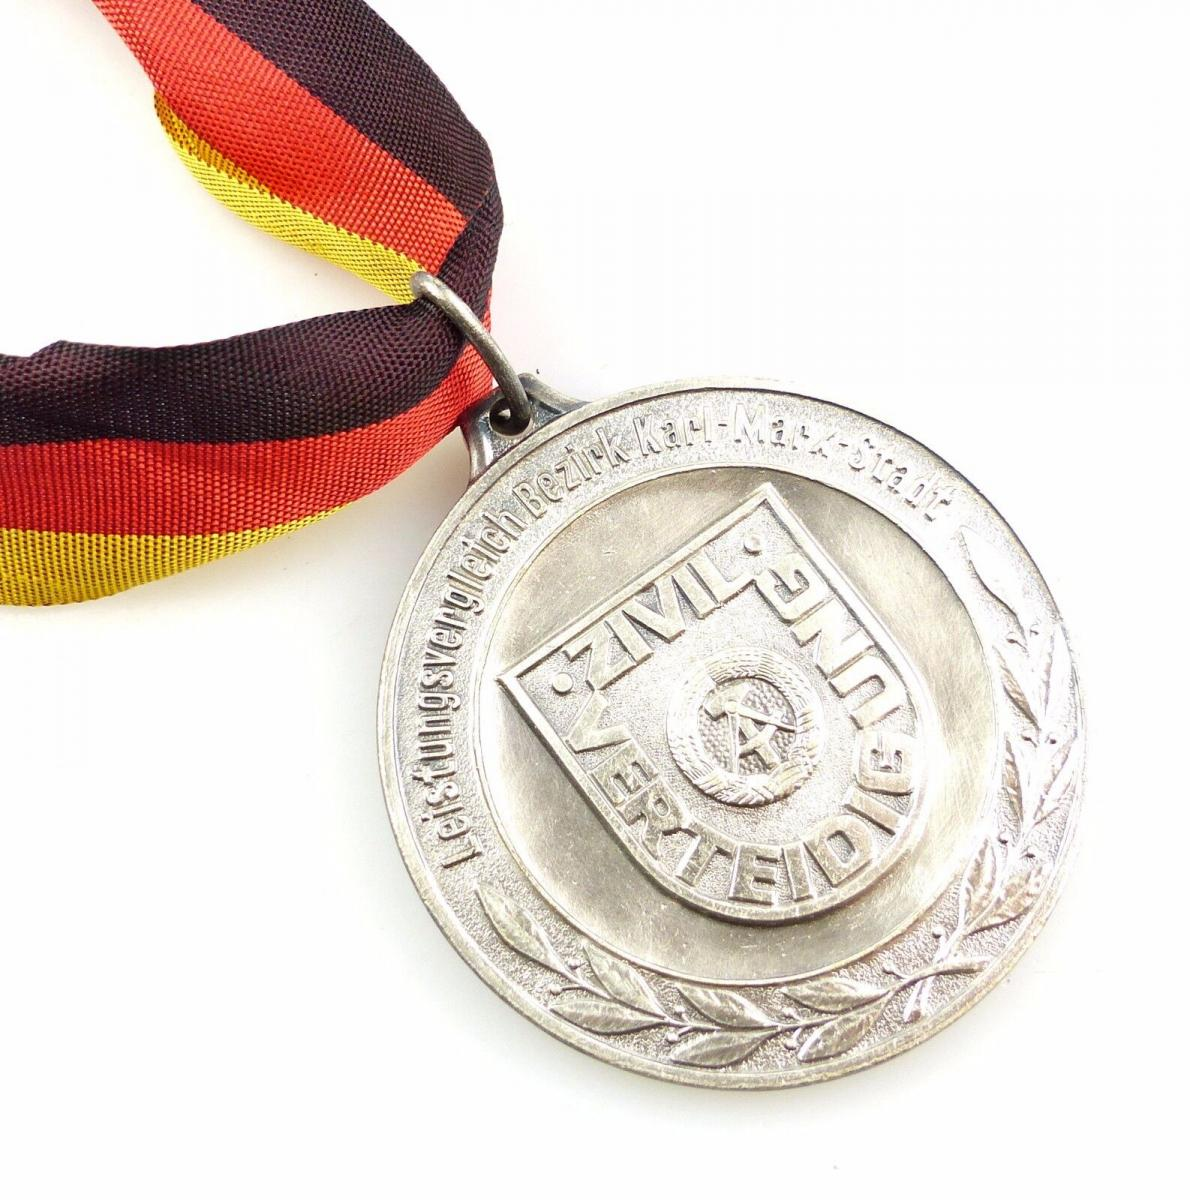 #e5543 DDR Medaille Silber Leistungsvergleich Karl-Marx-Stadt Zivilverteidigung